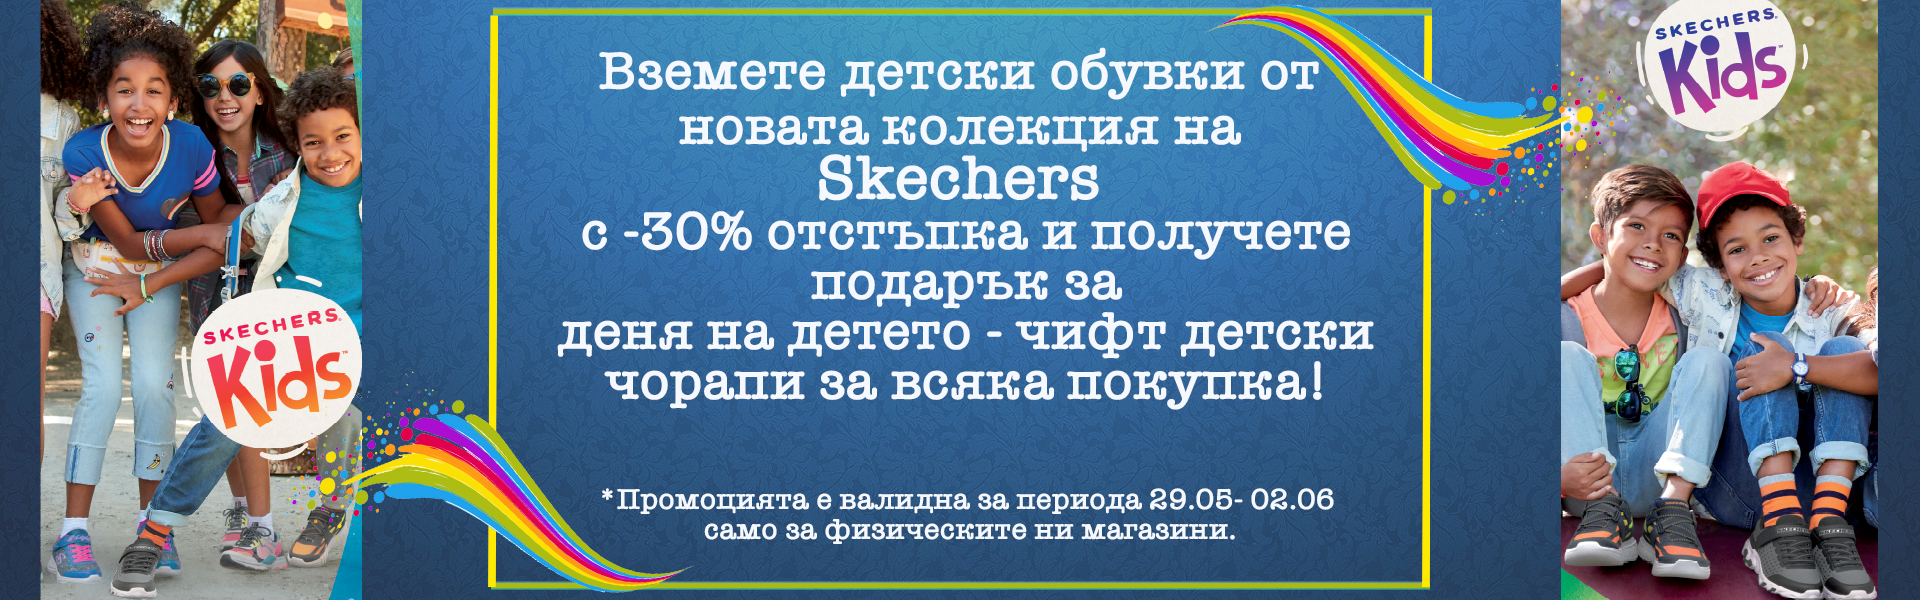 SKECHERS_1_JUNE_30%